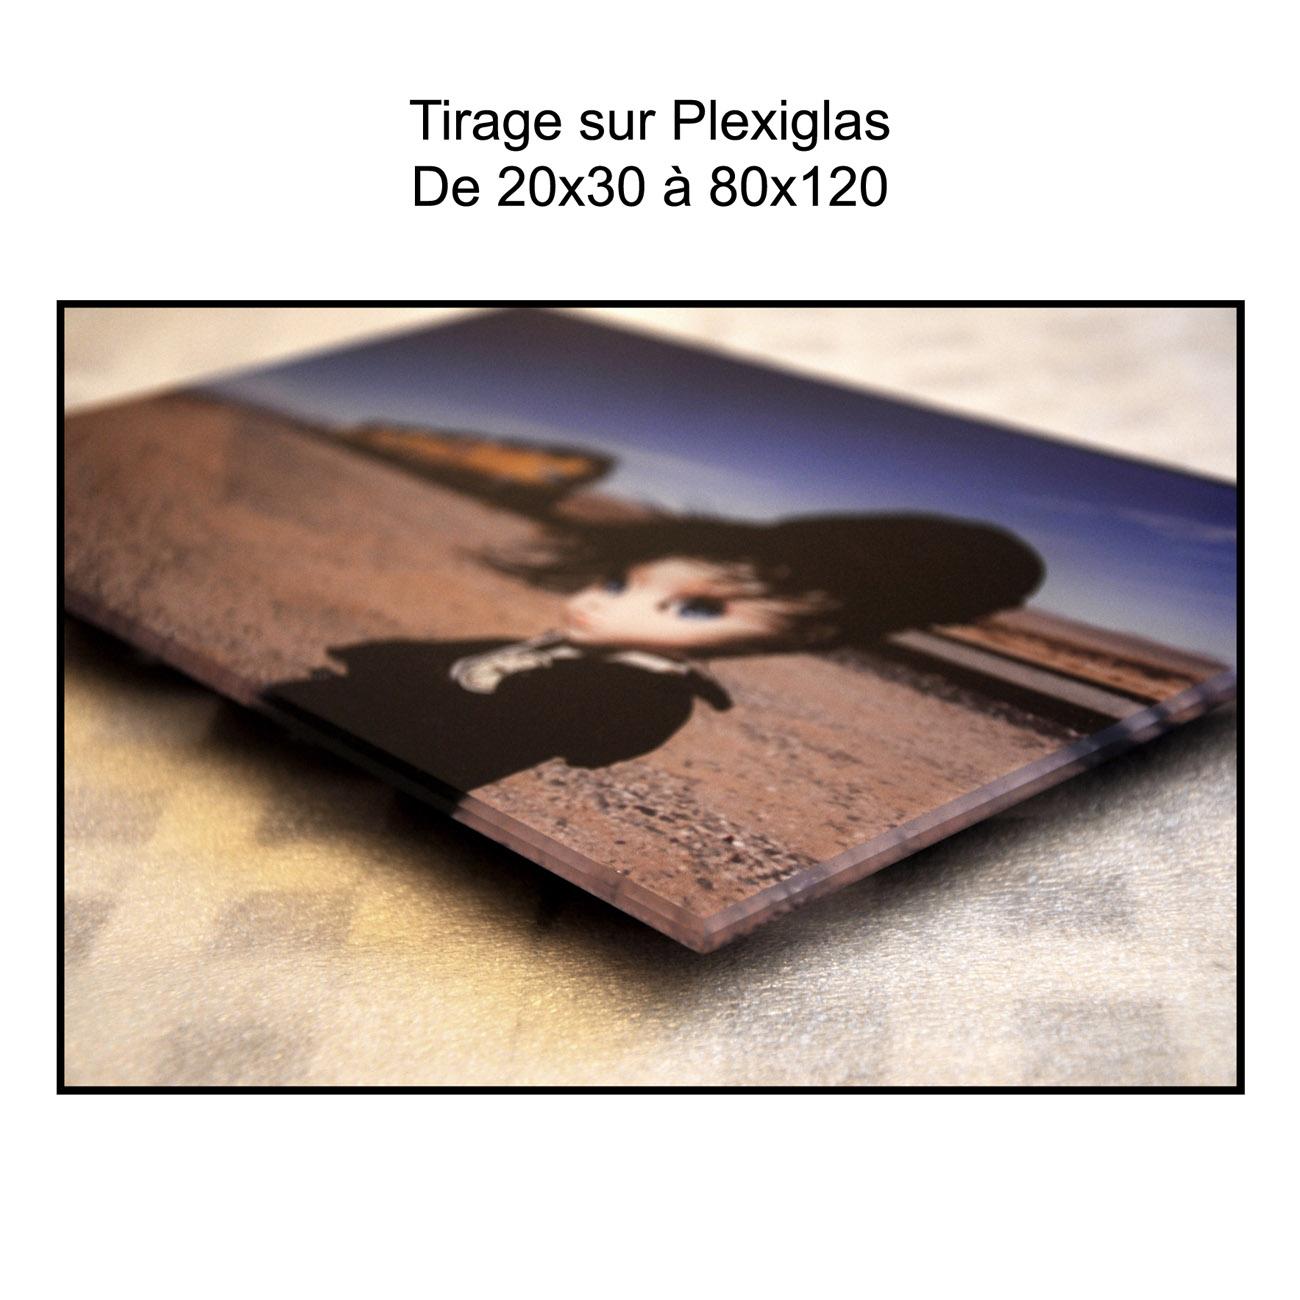 Tirage-sur-Plexiglas